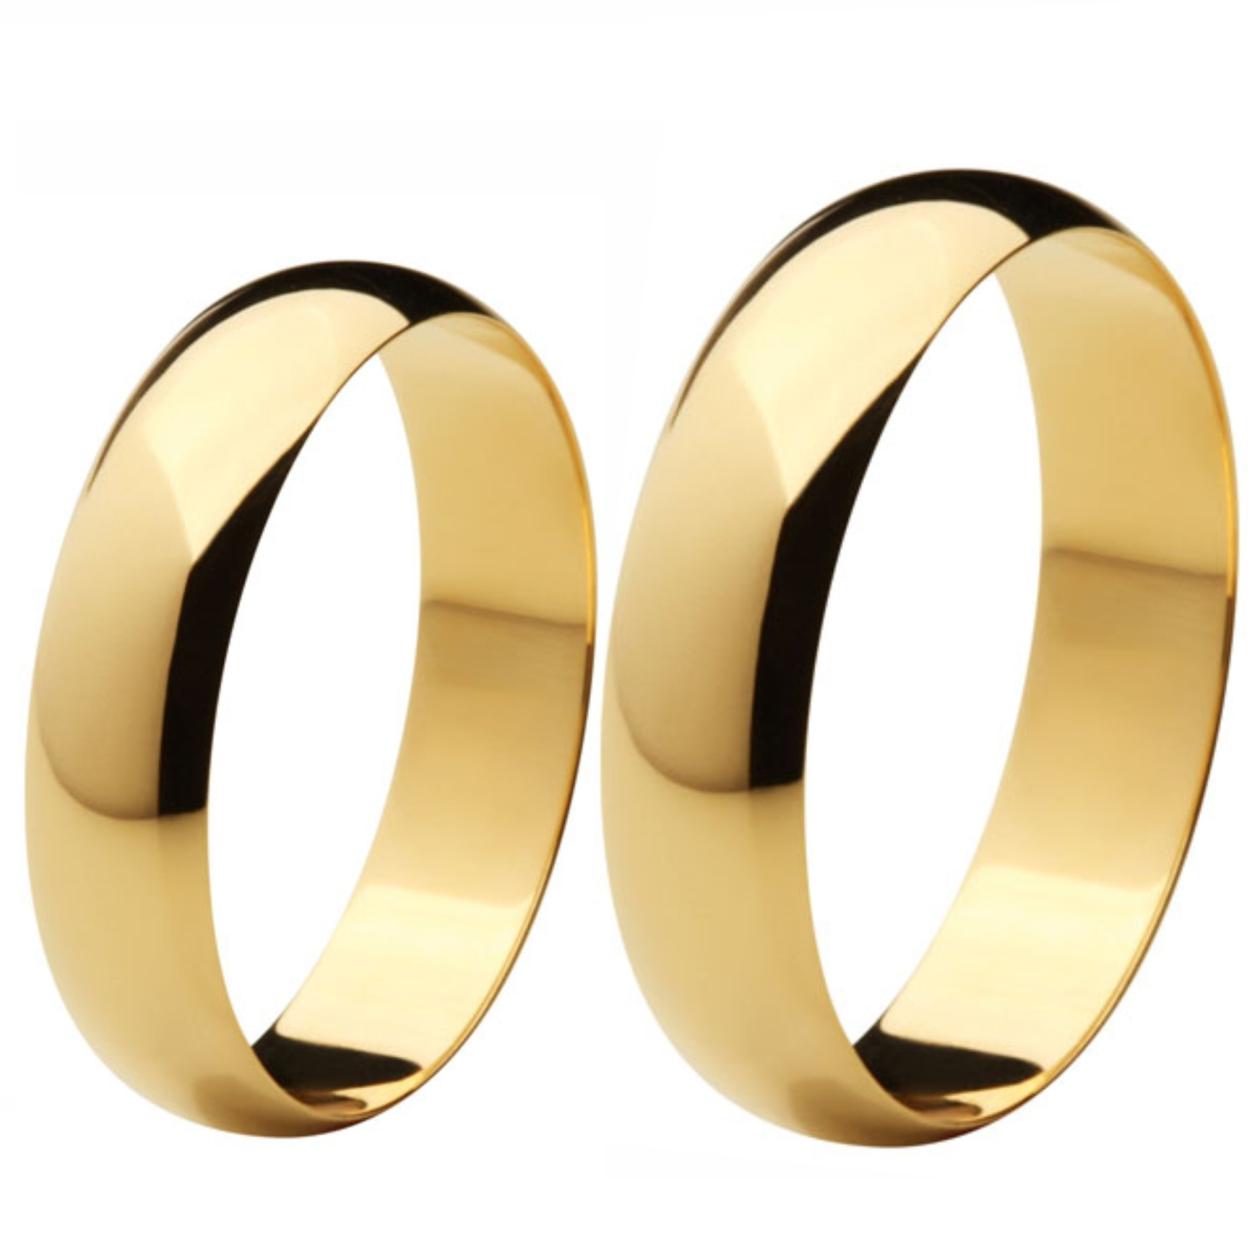 Aliança de Casamento de Ouro 18k / 750, Abaulada - O PAR